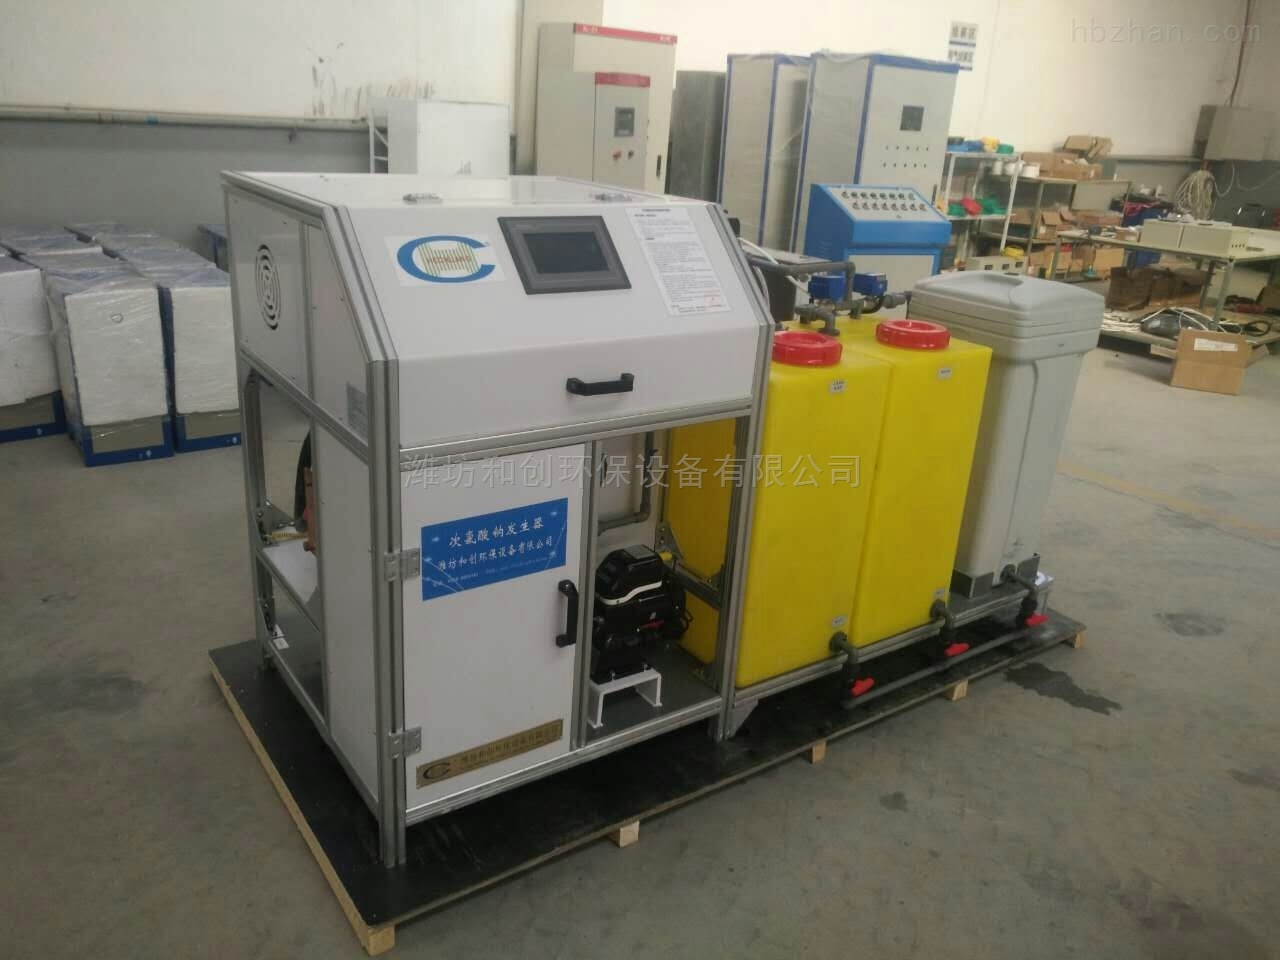 农村安全饮水消毒设备电解法次氯酸钠发生器